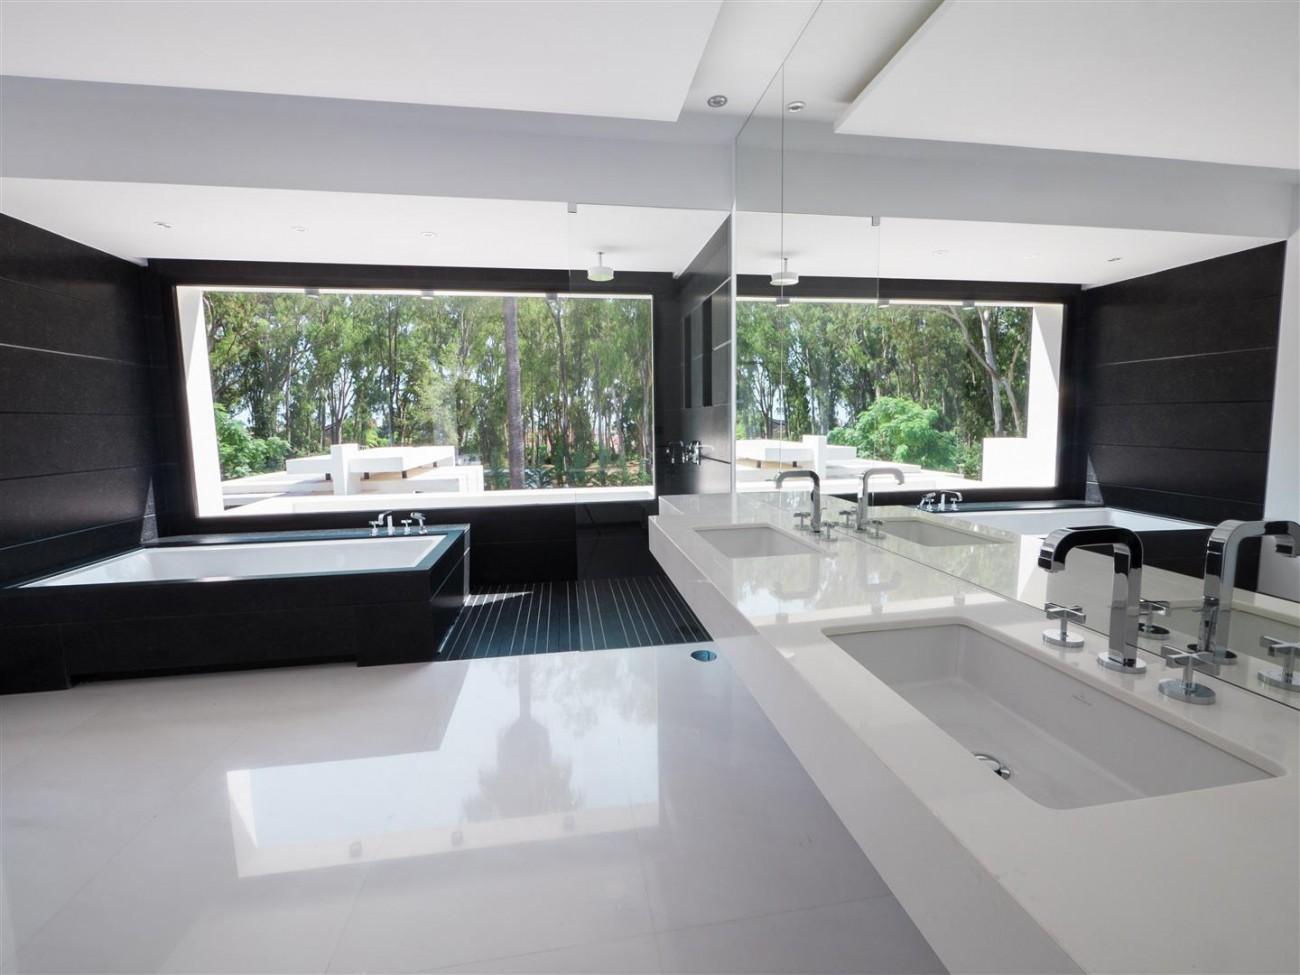 Contemporary villa for sale close to the beach Marbella (13) (Large)